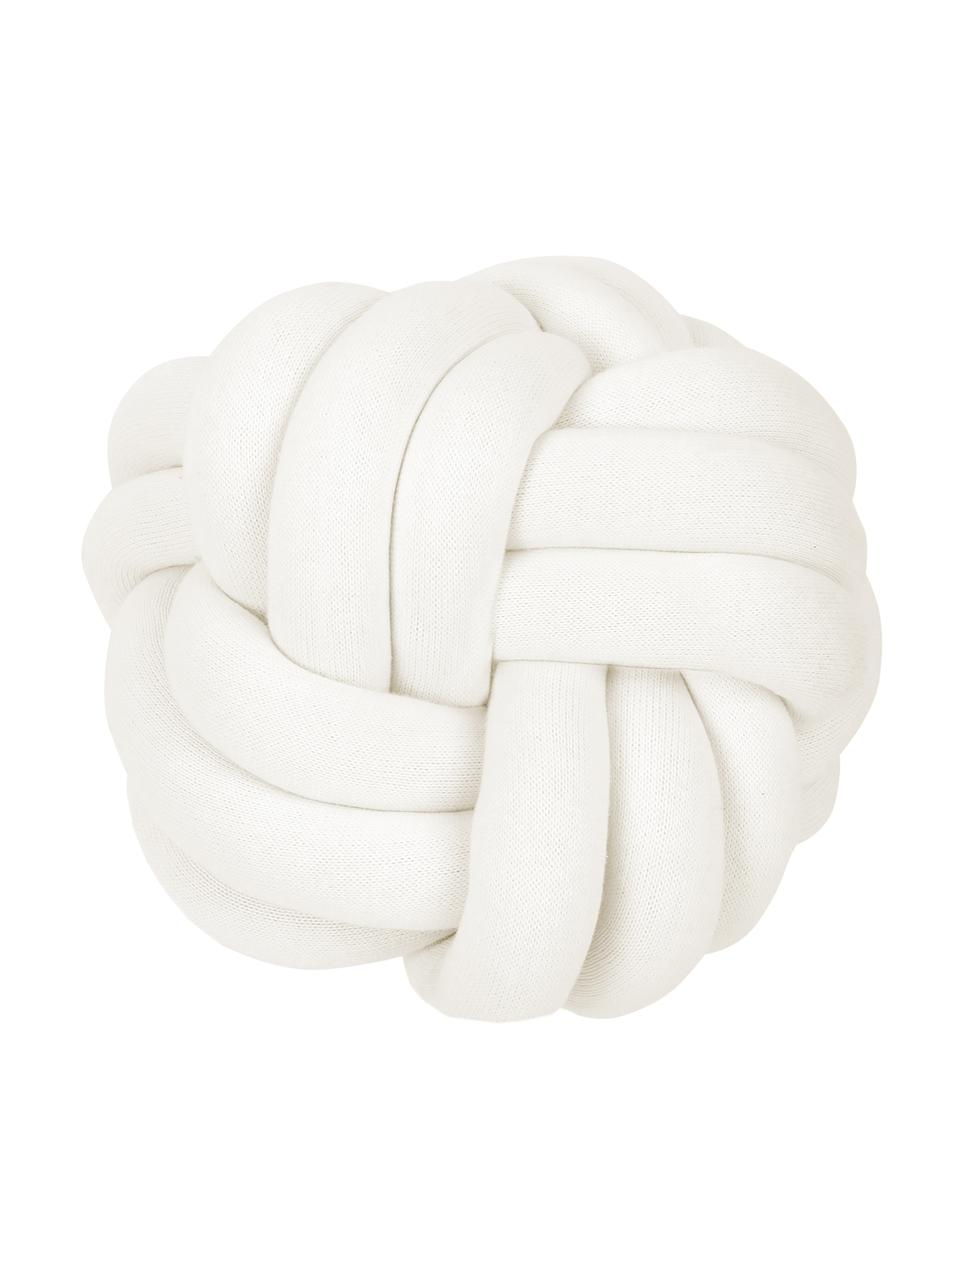 Knoten-Kissen Twist in Weiß, Weiß, Ø 30 cm